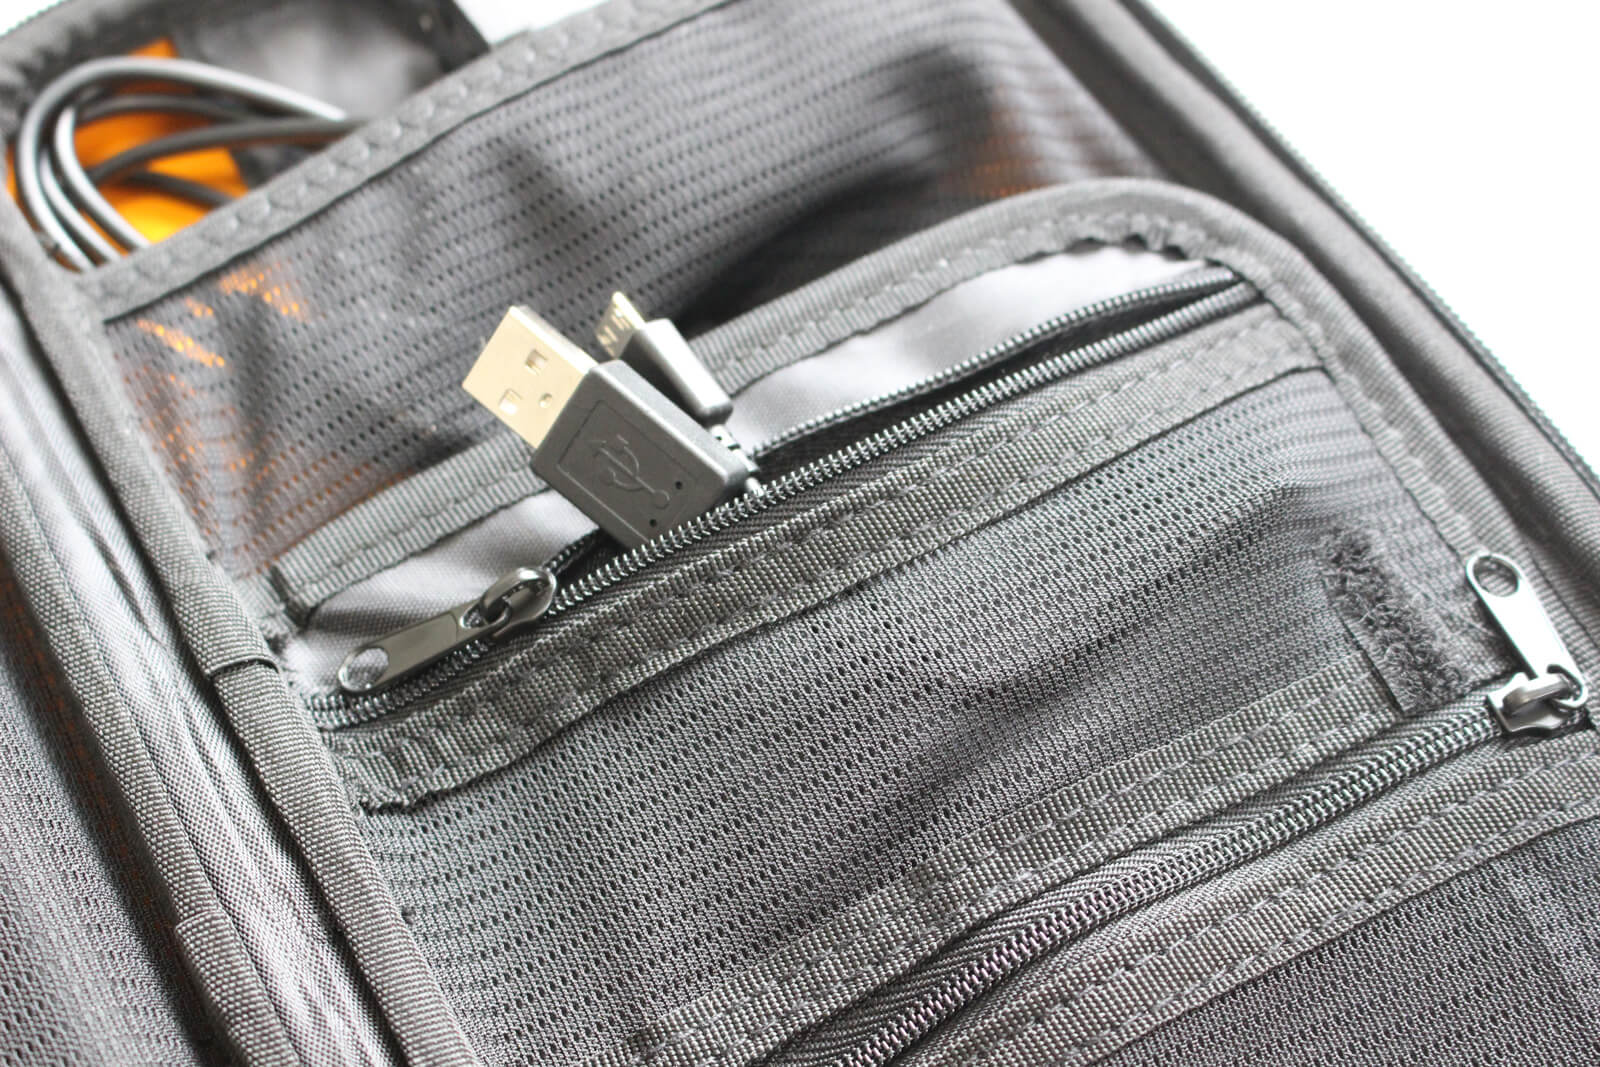 ファスナー付きポケットにはケーブル類など散らかりそうなものを入れると良さそう